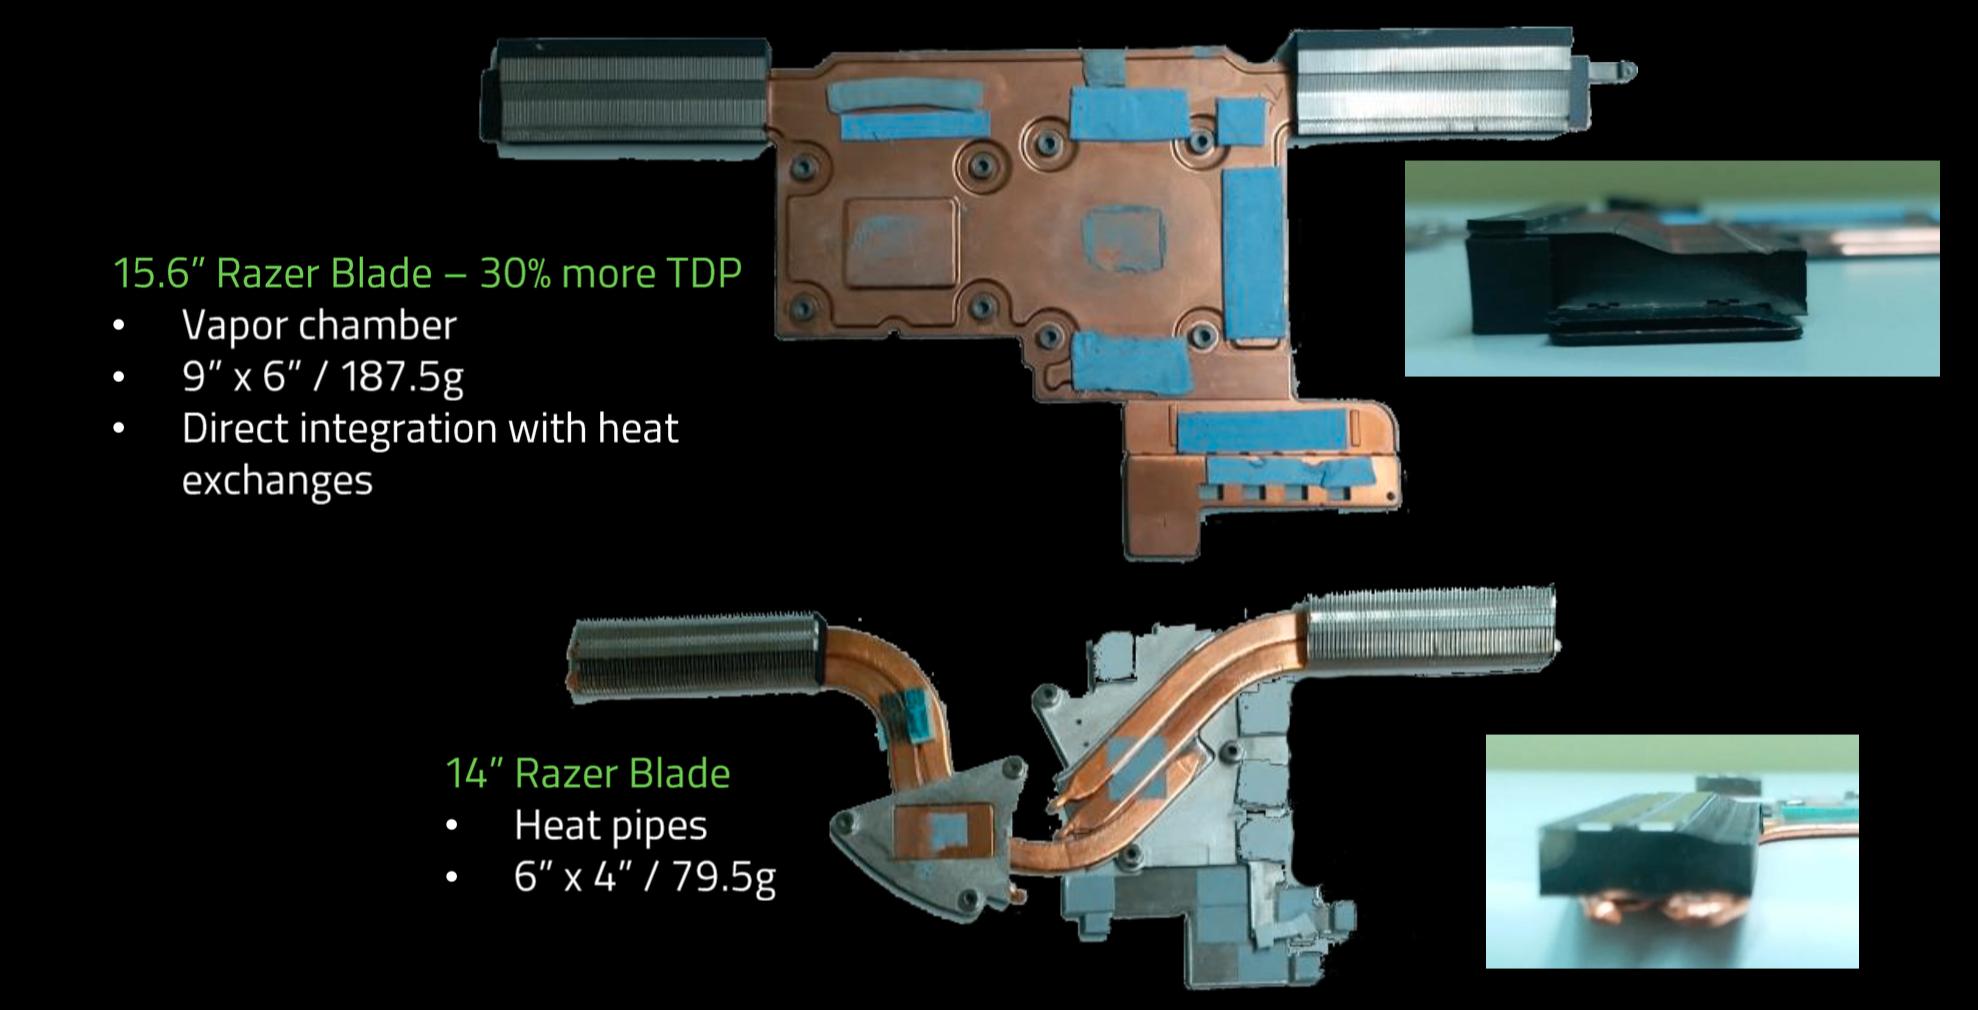 Det nye kjølesystemet er både mer avansert og fysisk større enn i gamle Blade 14.